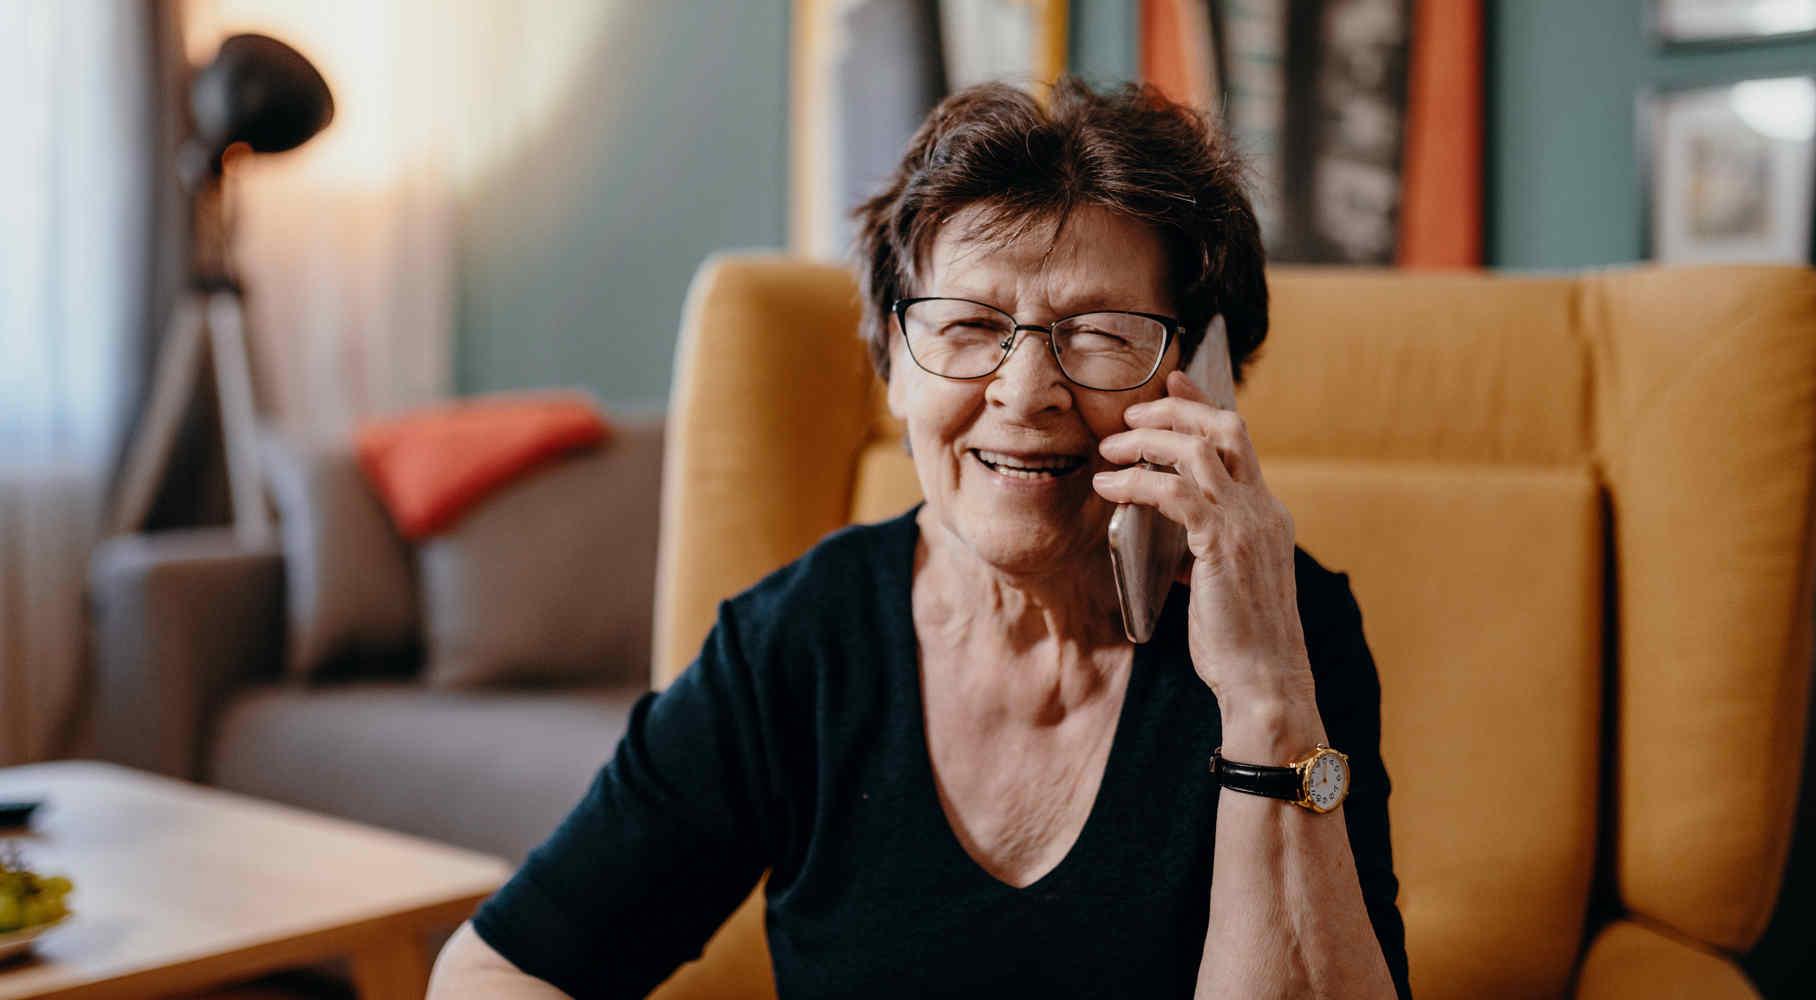 Leggere per gli altri e condividere storie (anche al telefono)